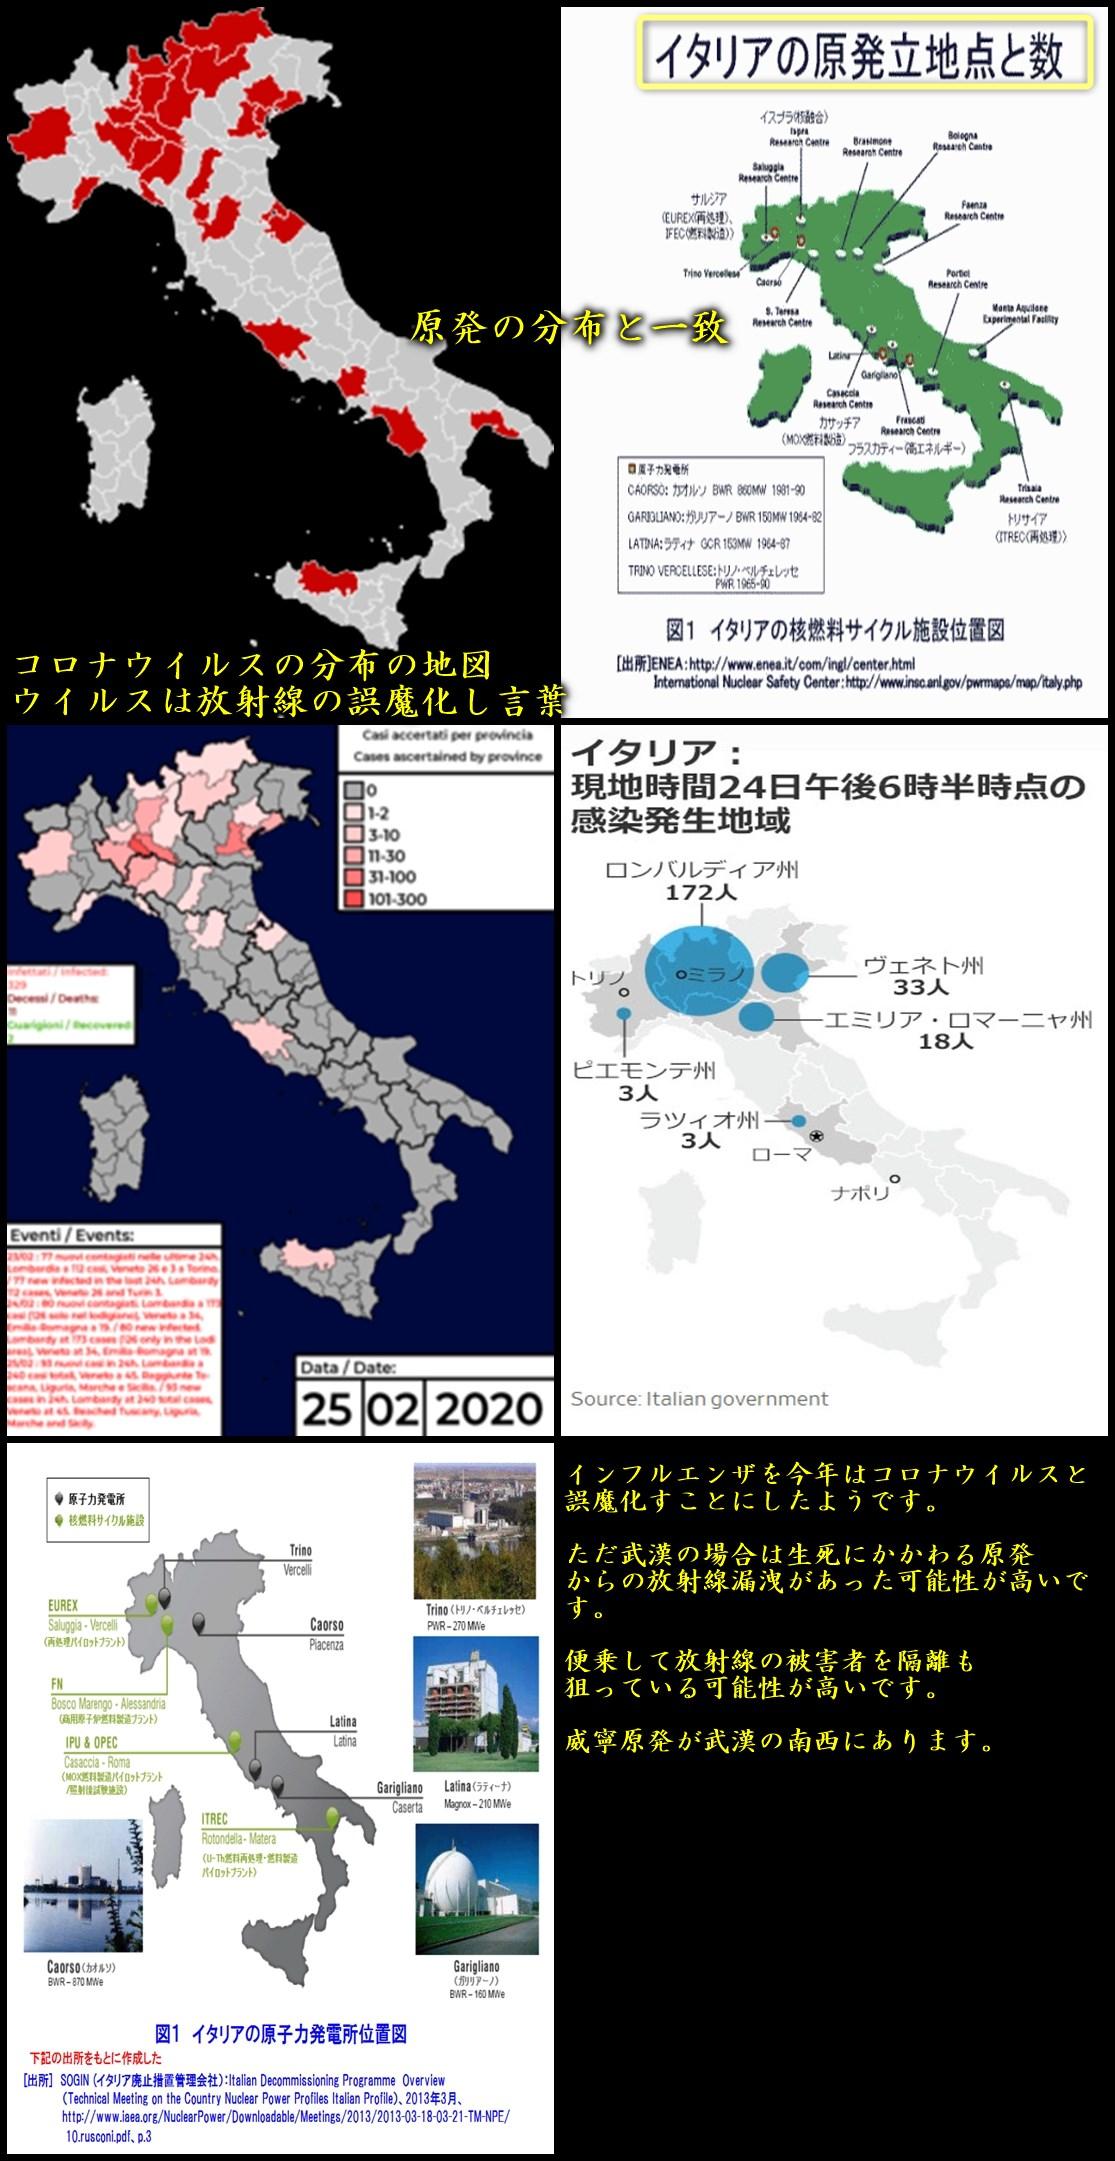 イタリアのコロナウイルス詐欺は原発からの放射線の漏洩 コロナウイルスはインフルエンザウイルスと同じもの ウイルス=放射線の誤魔化し言葉21